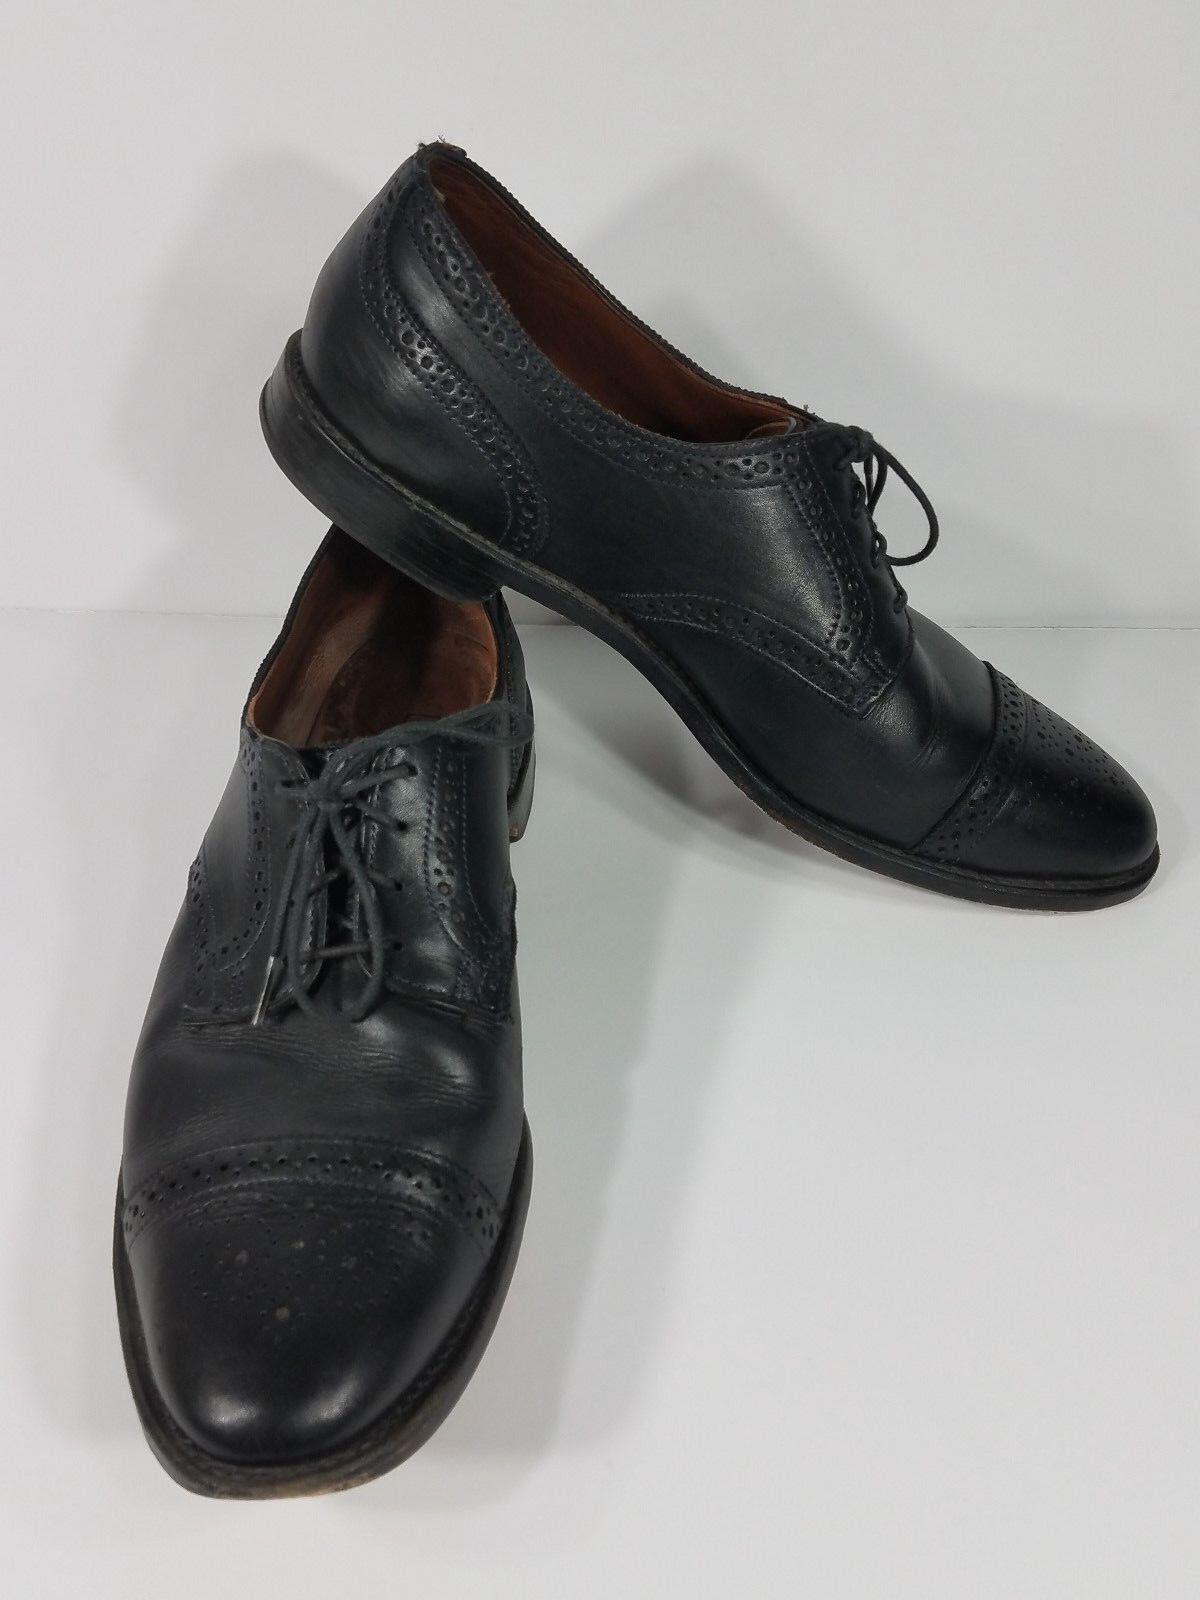 Allen Edmonds Sanford nero leather lace up professional dress dress dress scarpe mens 13 D 777ca8